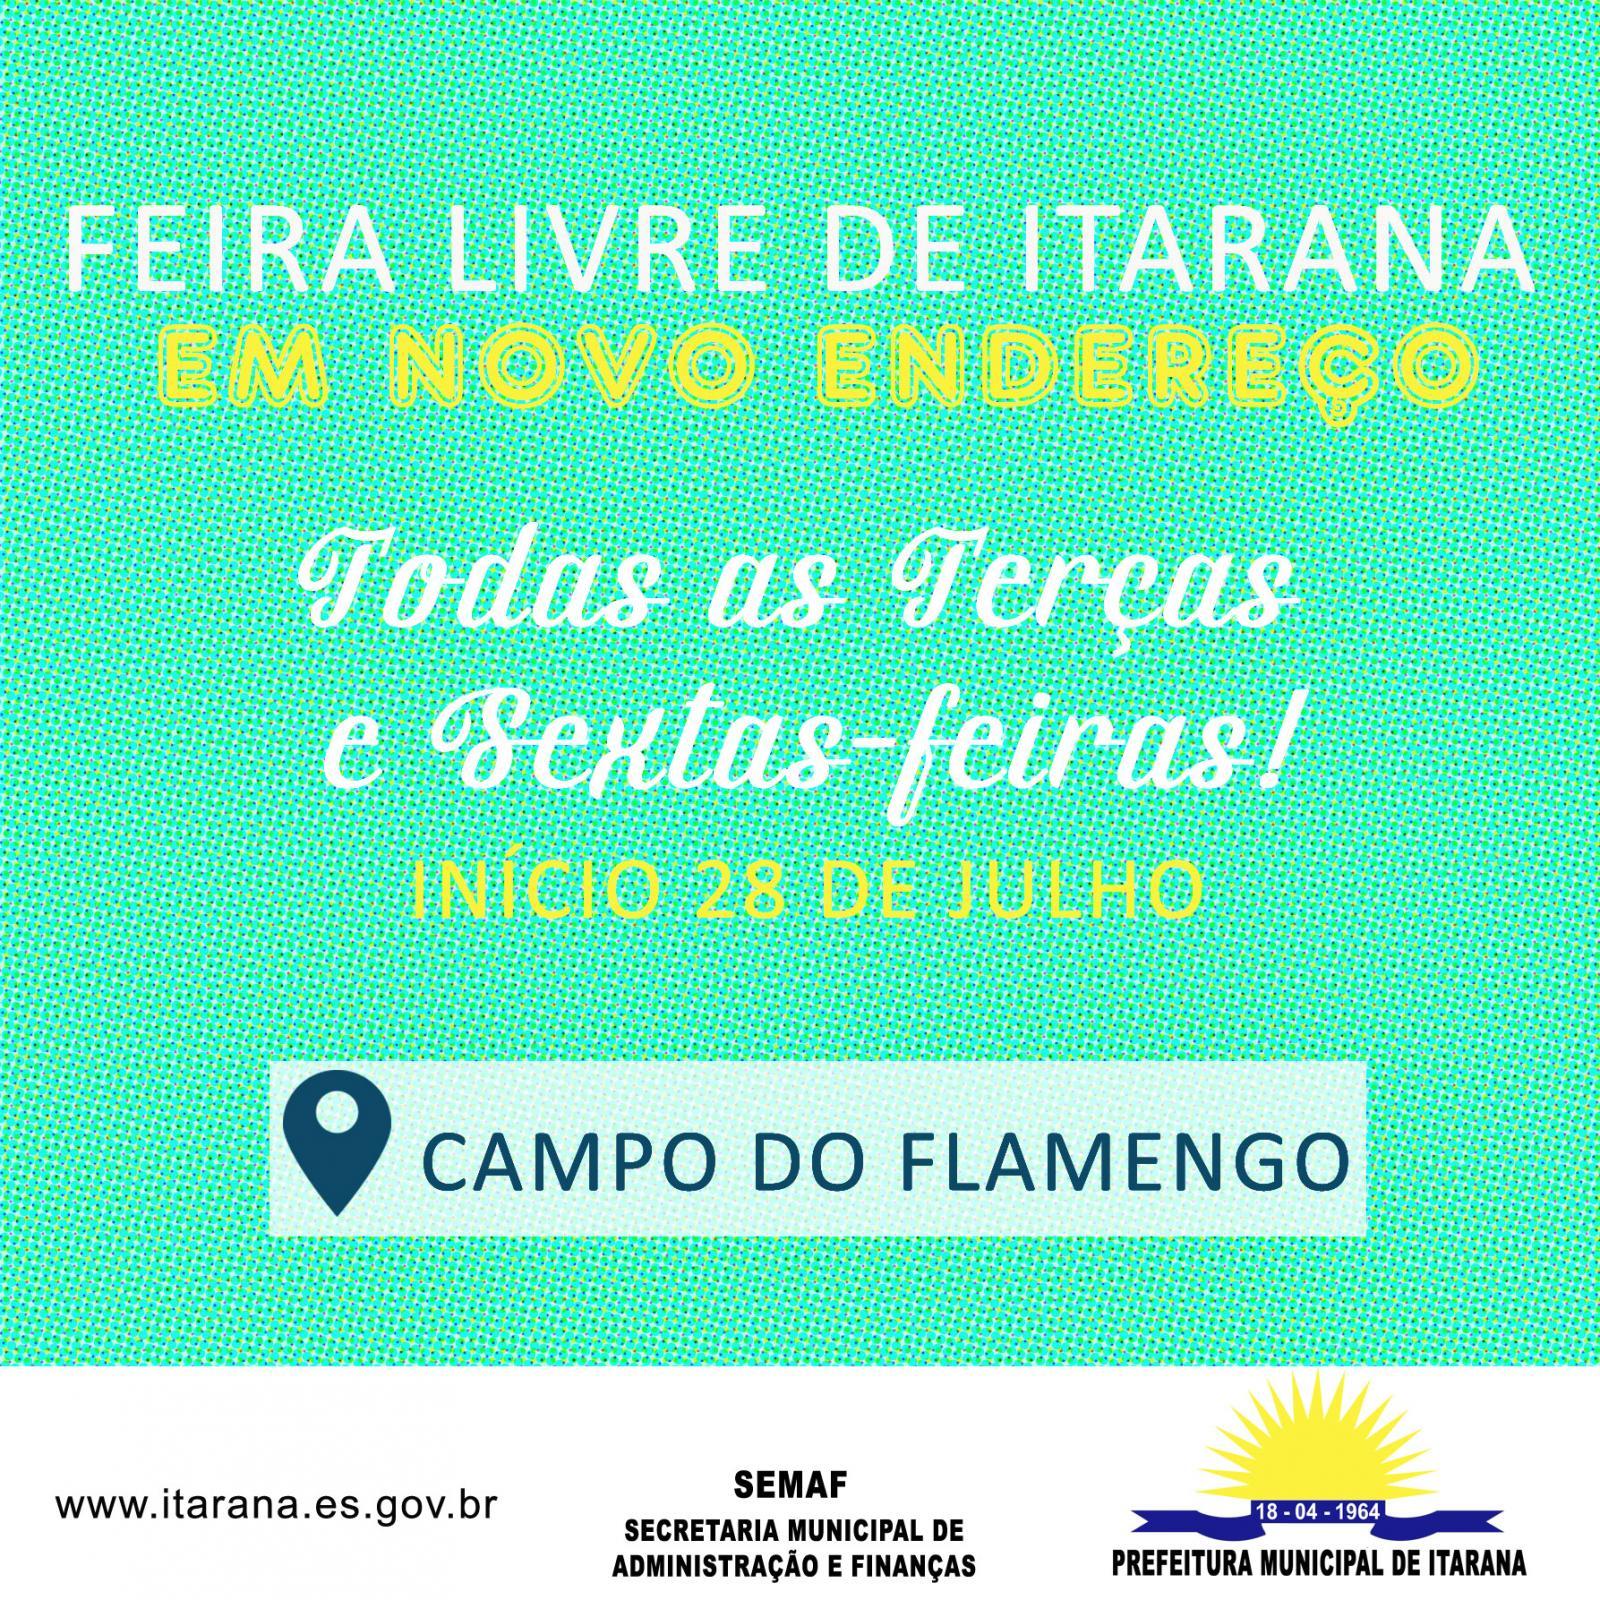 Feira Livre de Itarana será transferida para o Campo do Flamengo